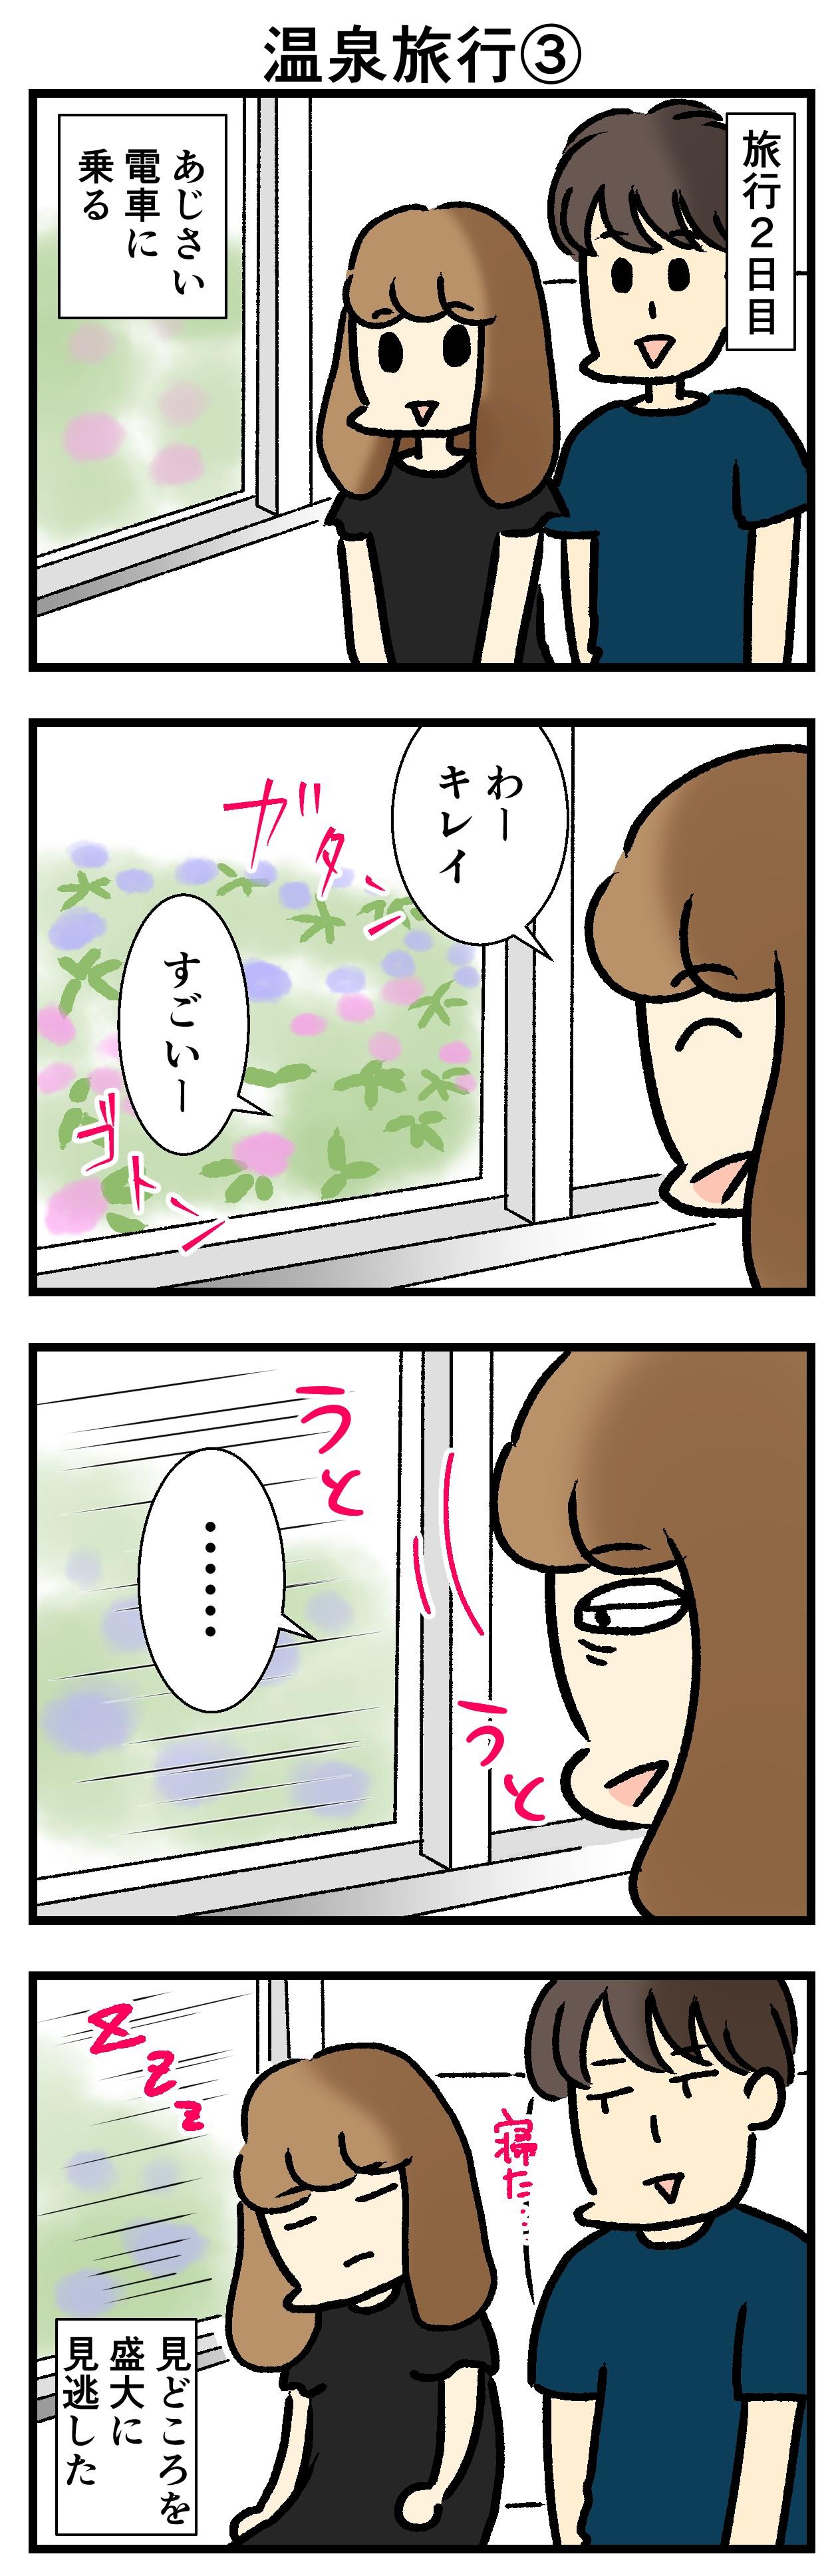 【エッセイ漫画】アラサー主婦くま子のふがいない日常(129)